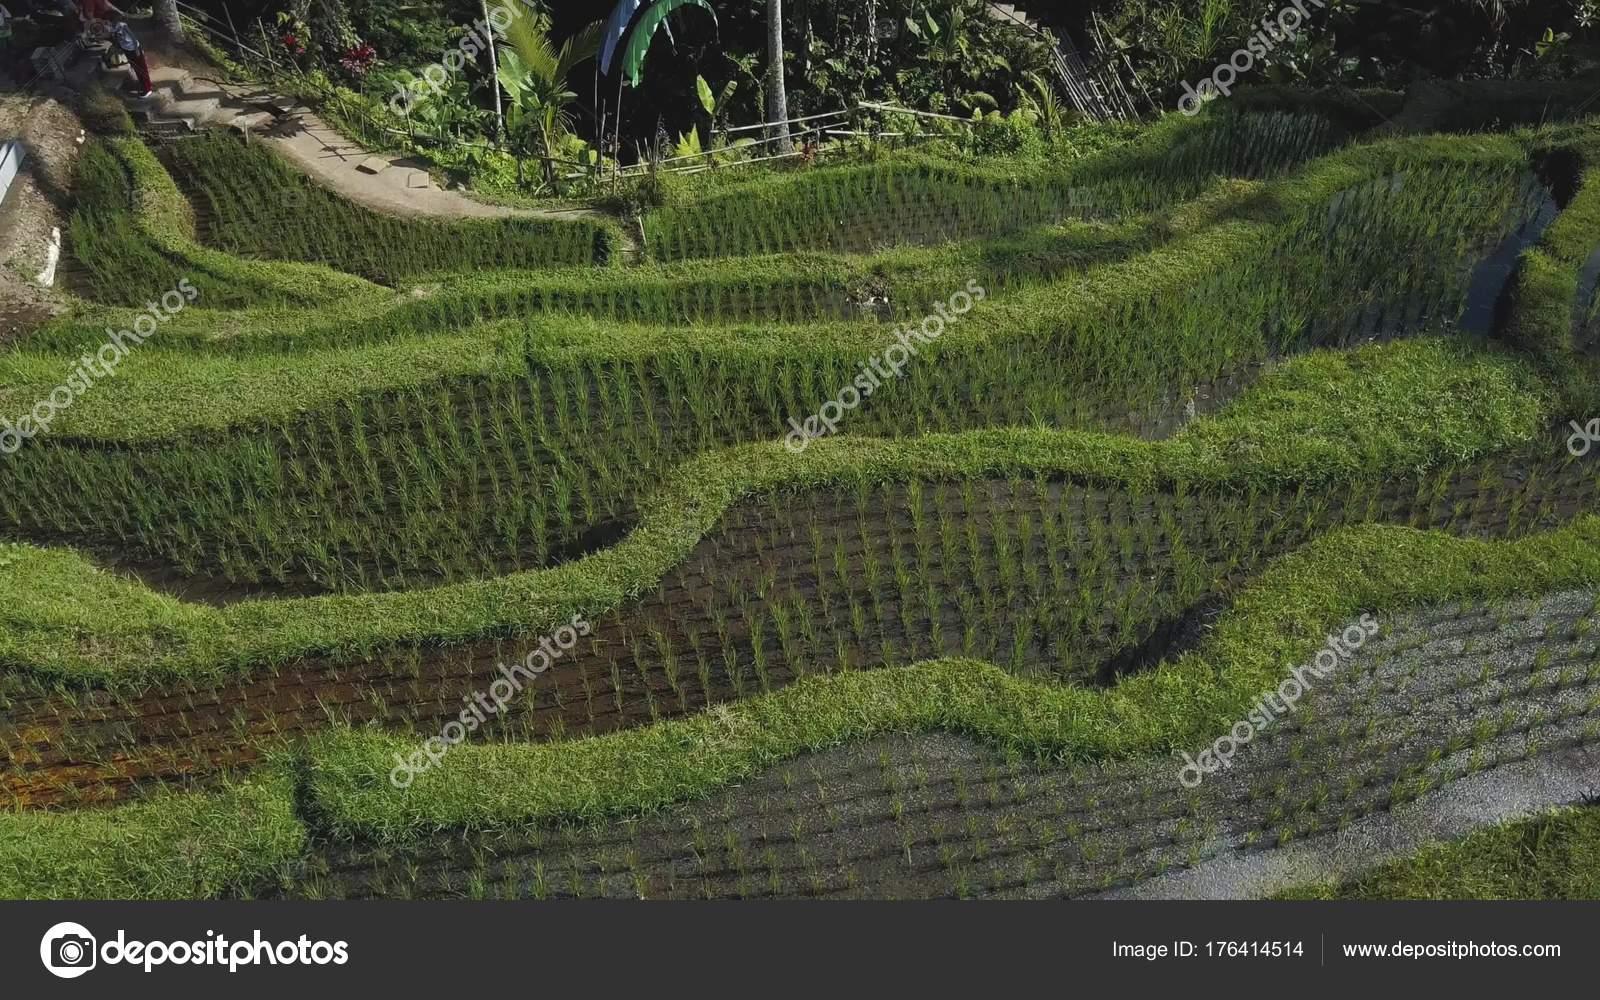 Terrazza Verde Del Riso In Bali Indonesia Foto Stock